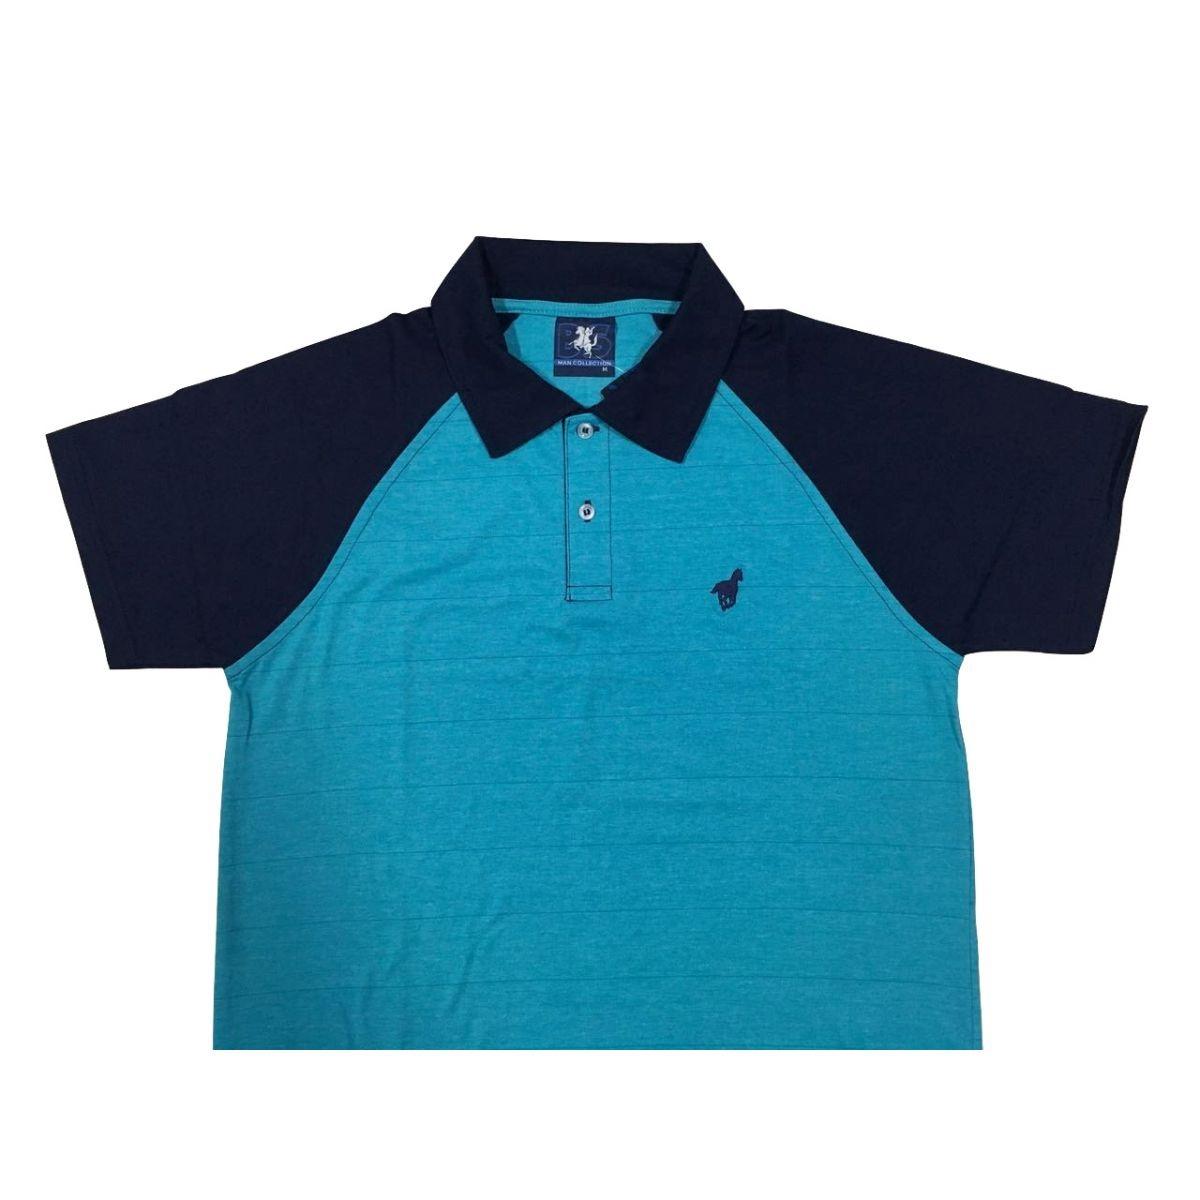 0f1399378 camisa polo masculina lisa - gola malha e manga raglan - sem. Carregando  zoom.